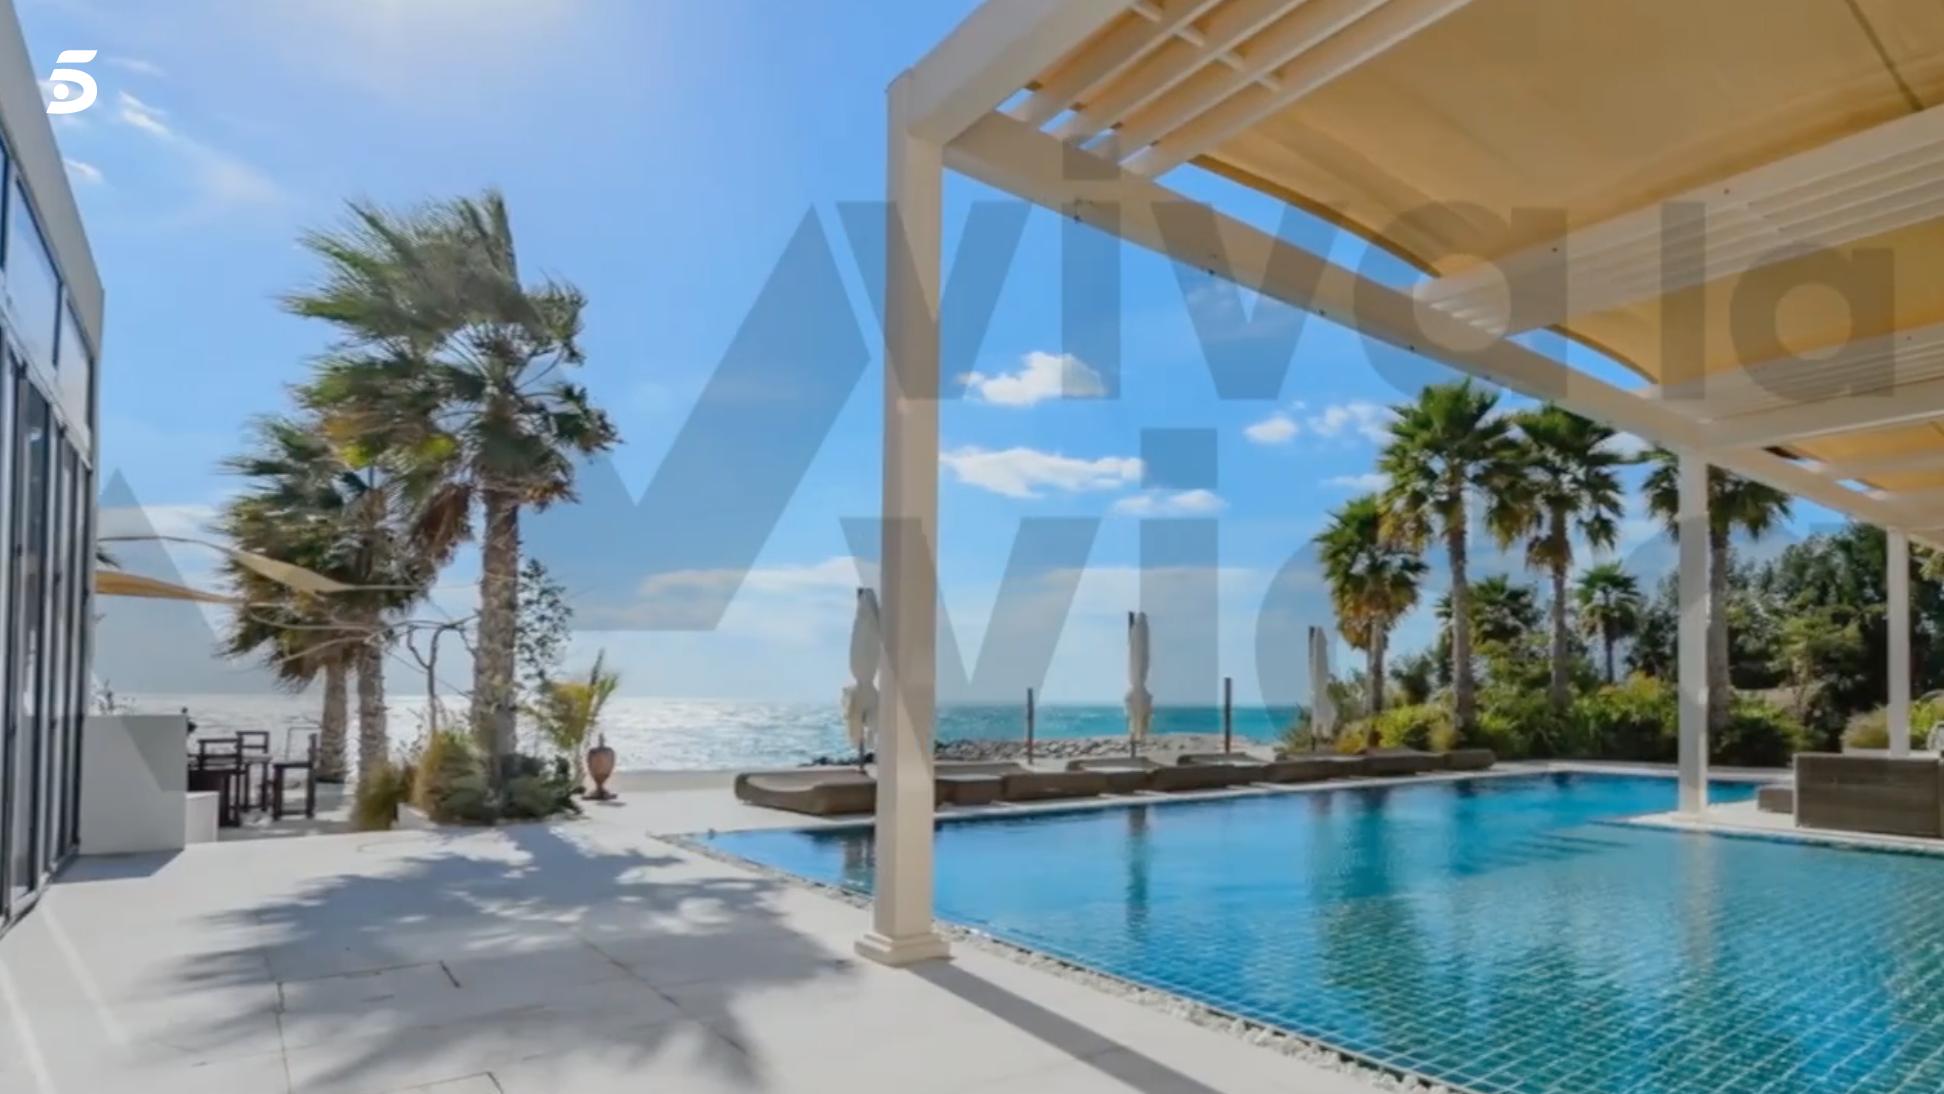 La piscina de la casa on viu Joan Carles de Borbó | Viva la Viva